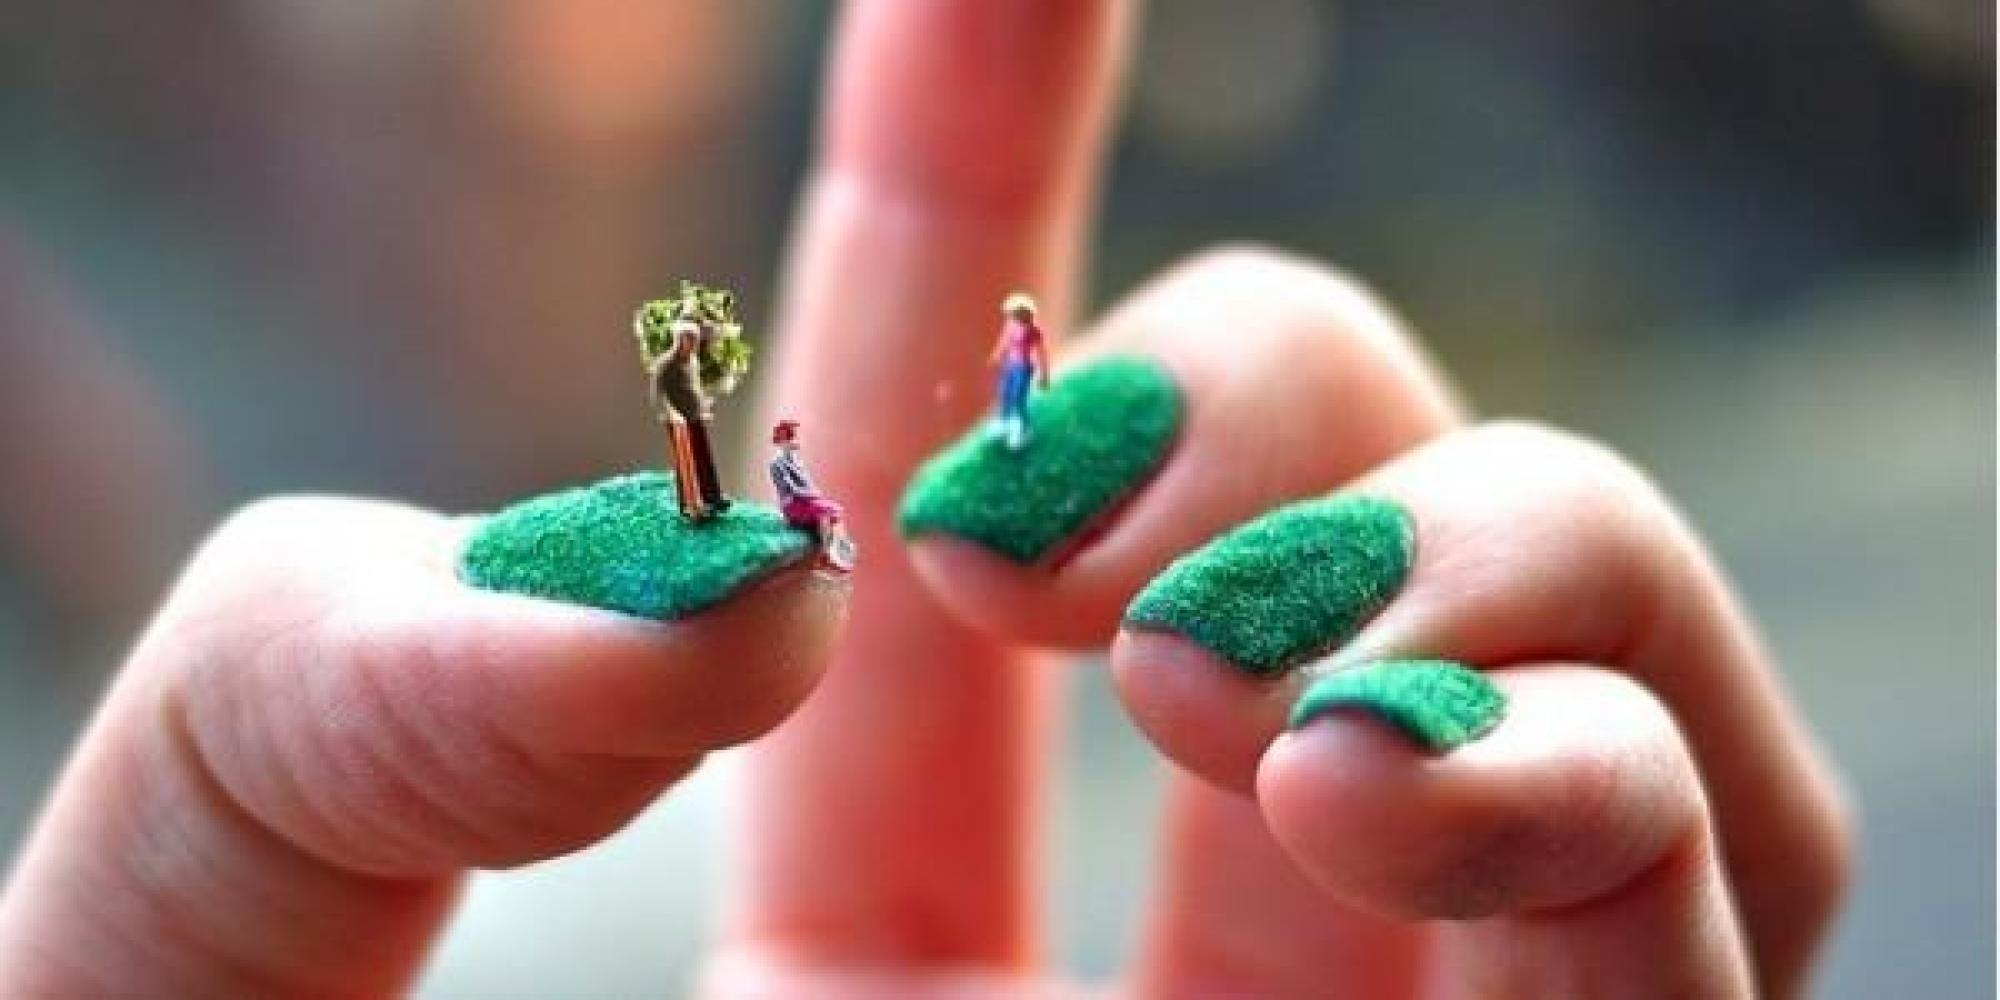 Coolest Nail Art Ever Cool Nail Art Crazy Nails 3d Nail Art